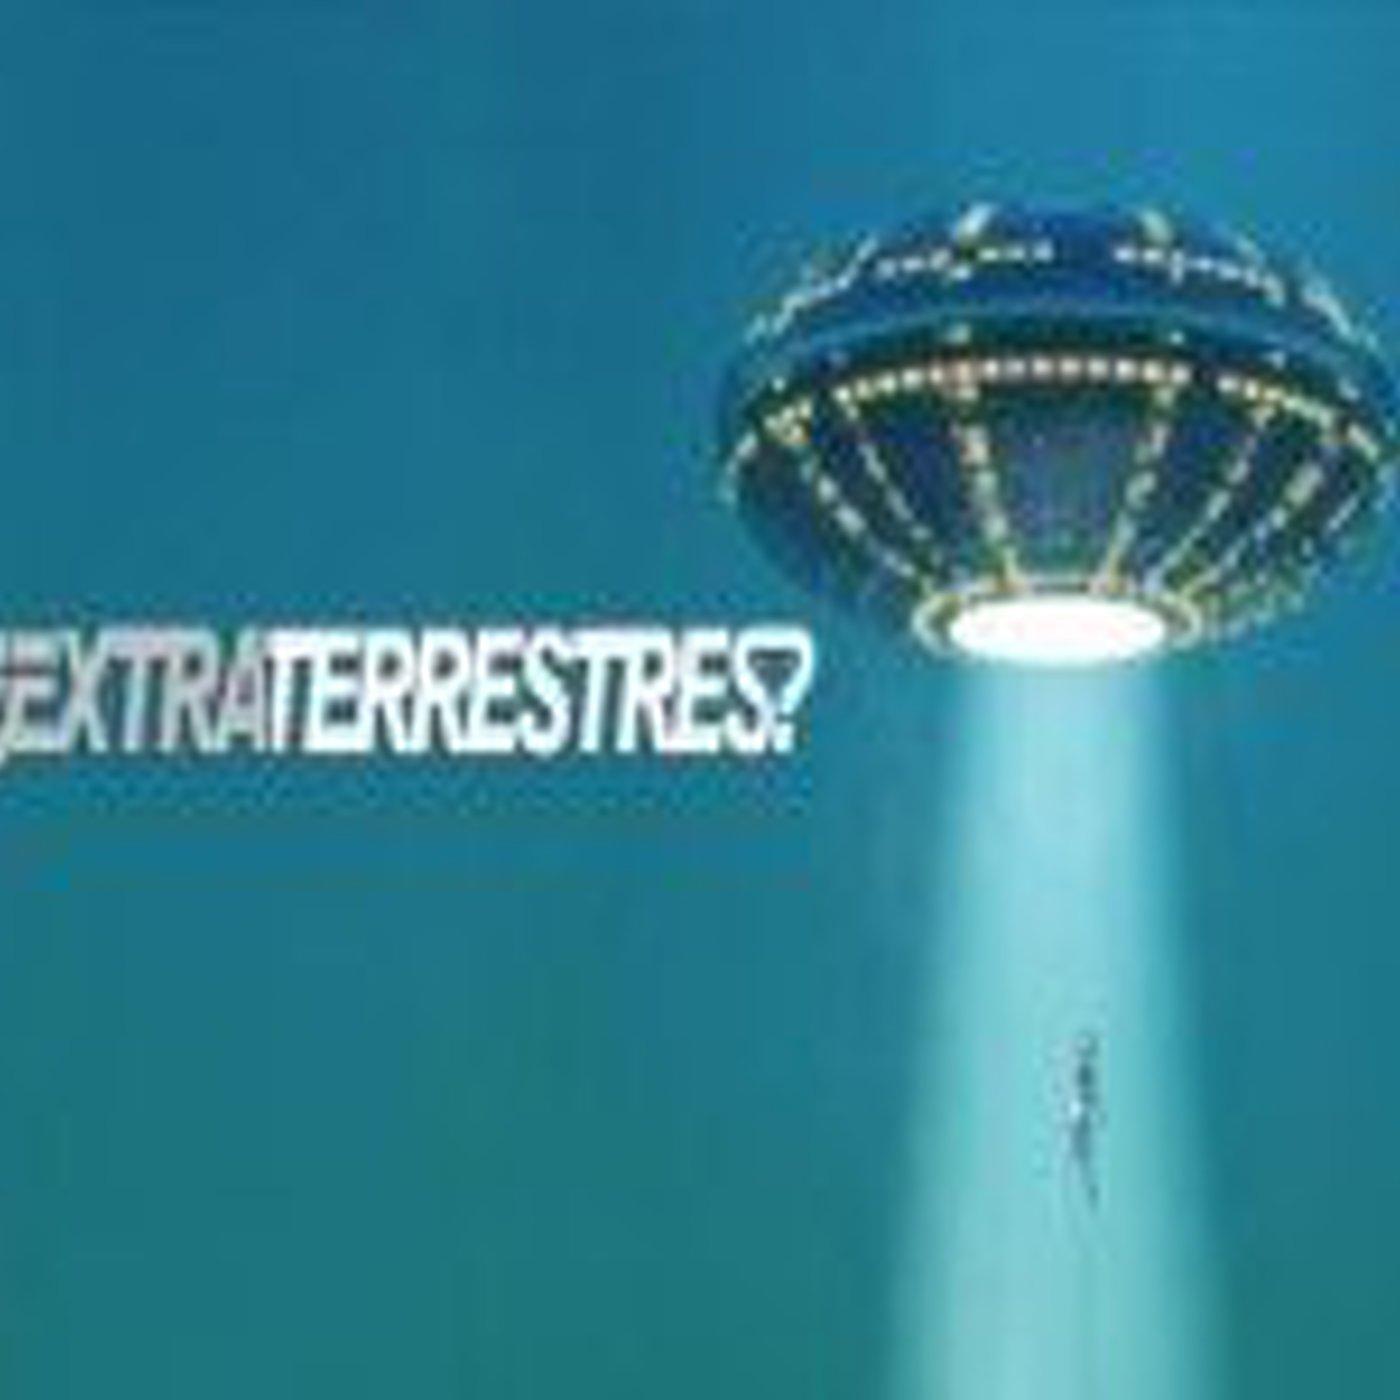 ¿Extraterrestres? (T3)- El libro negro de los Ovnis